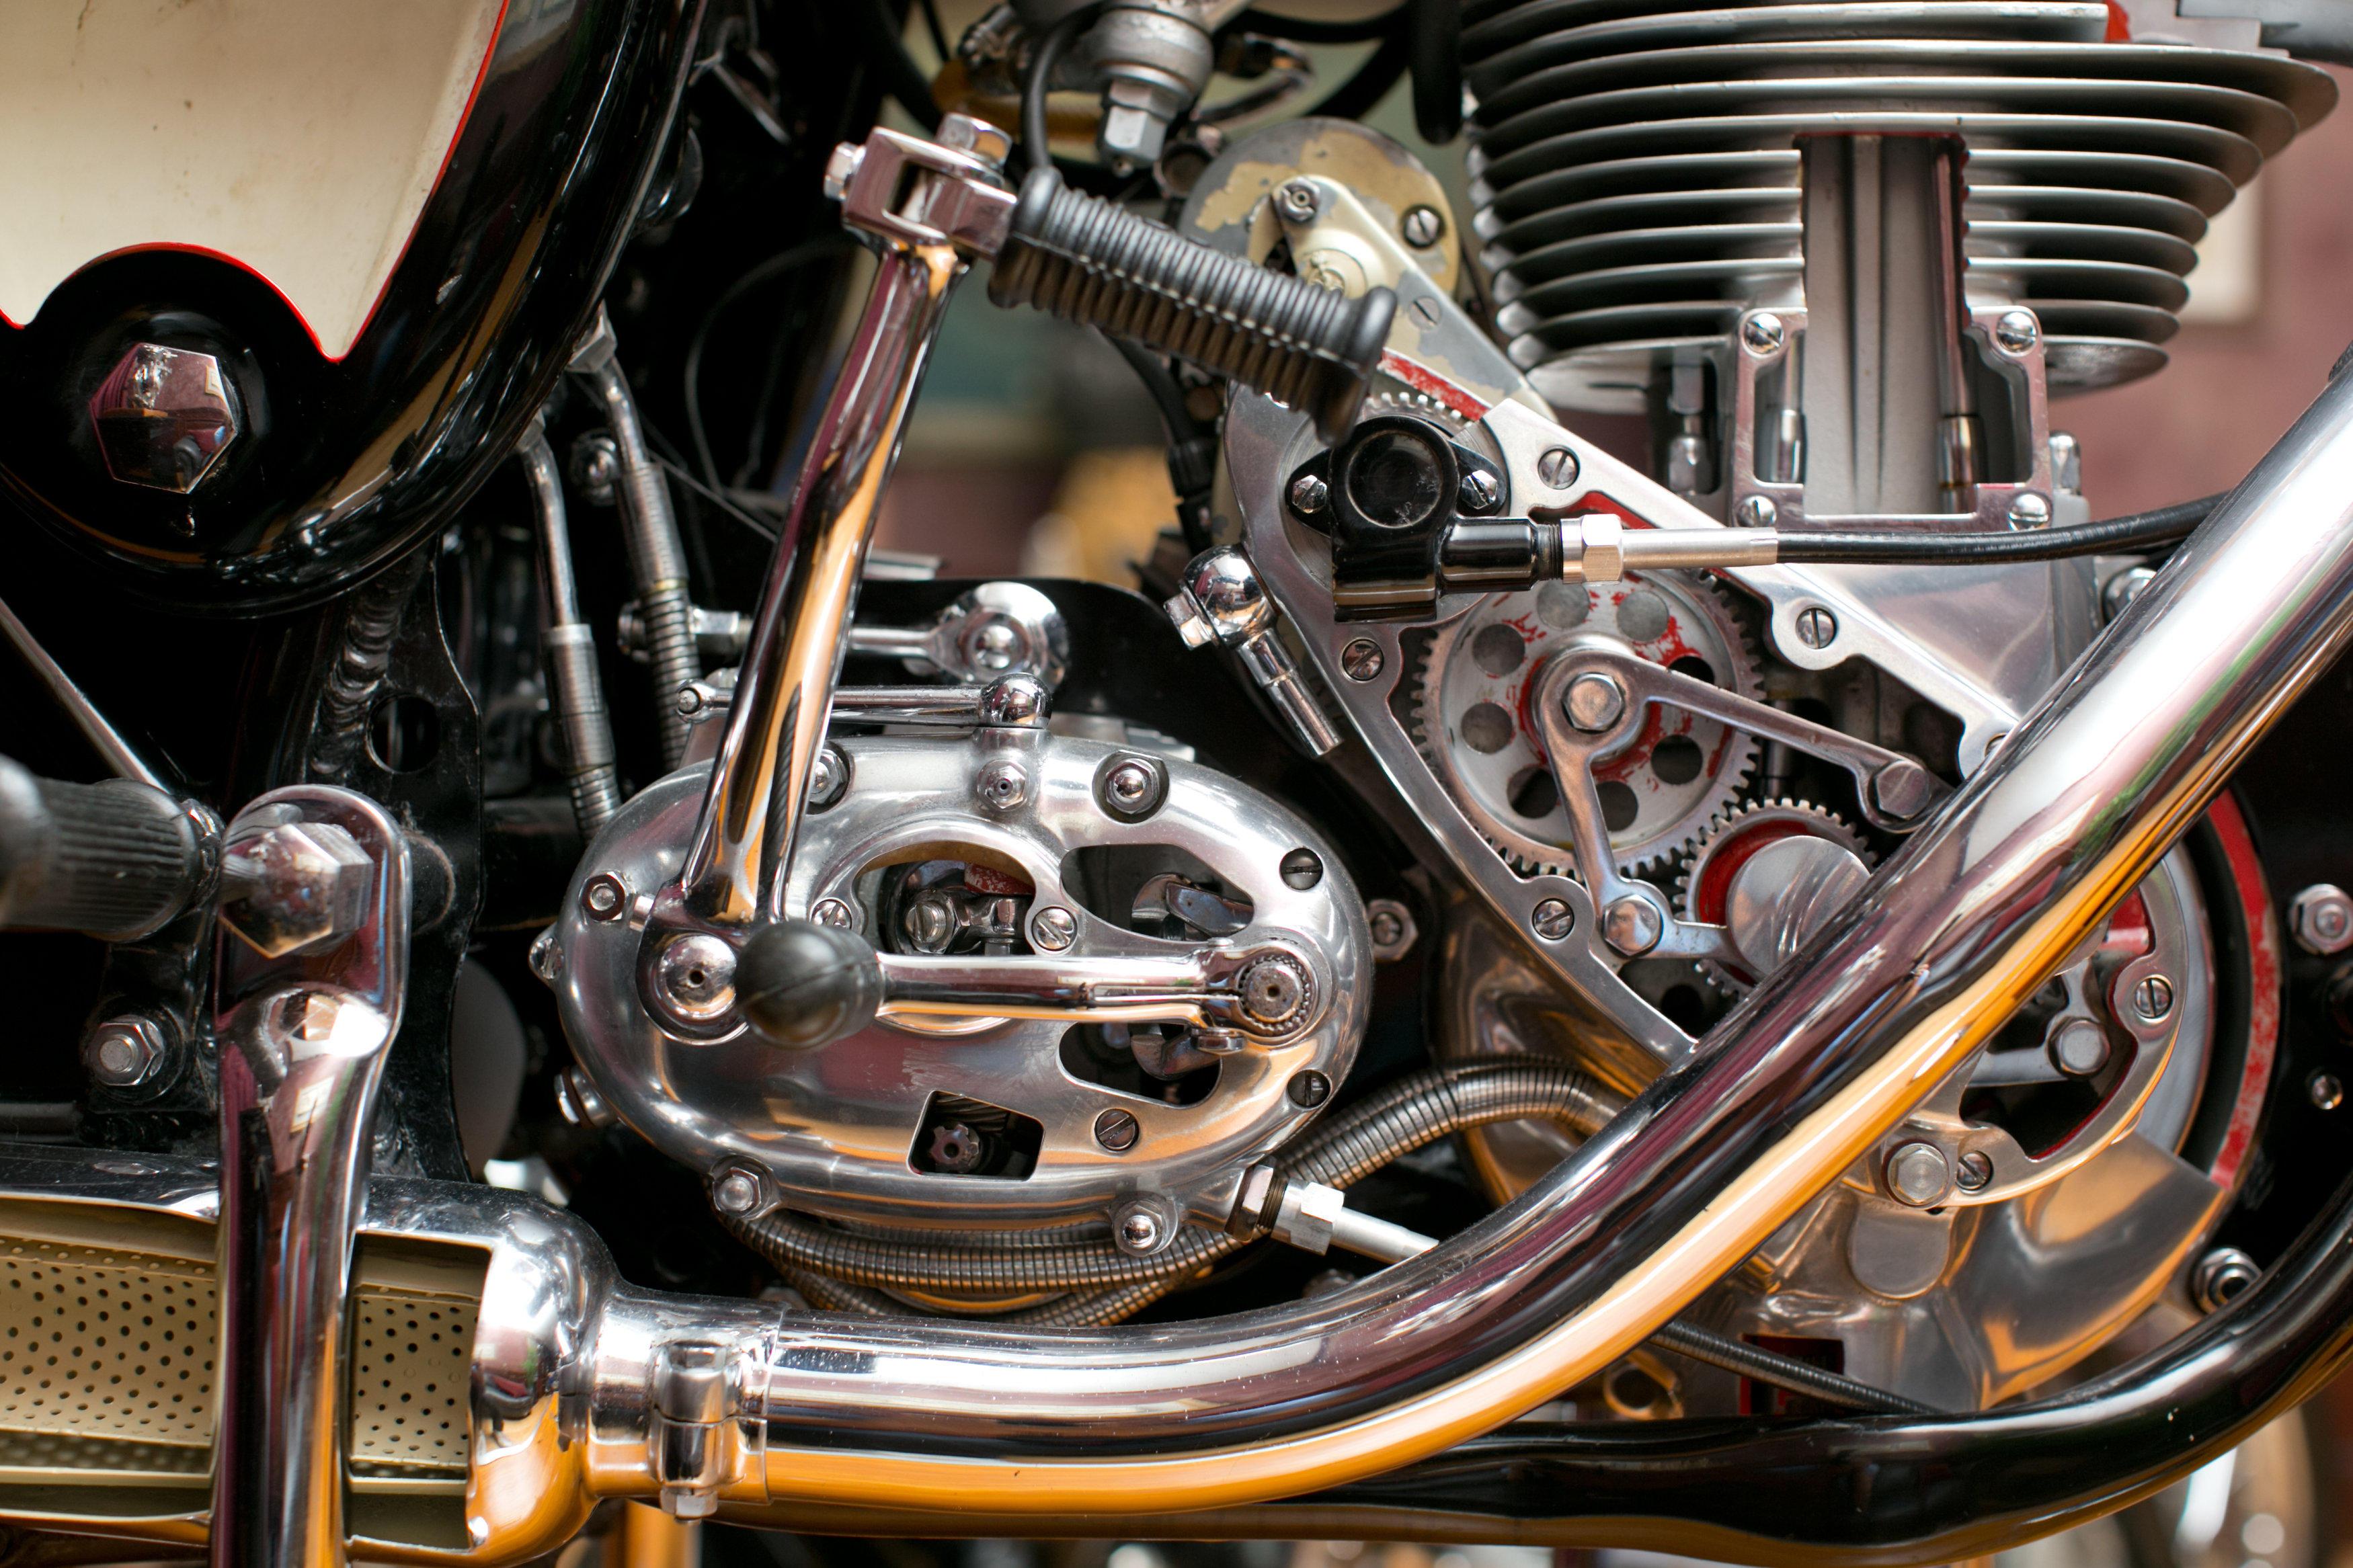 Used Motorcycles Las Vegas >> BSA Gold Star cutaway motorcycle | OilySmudges